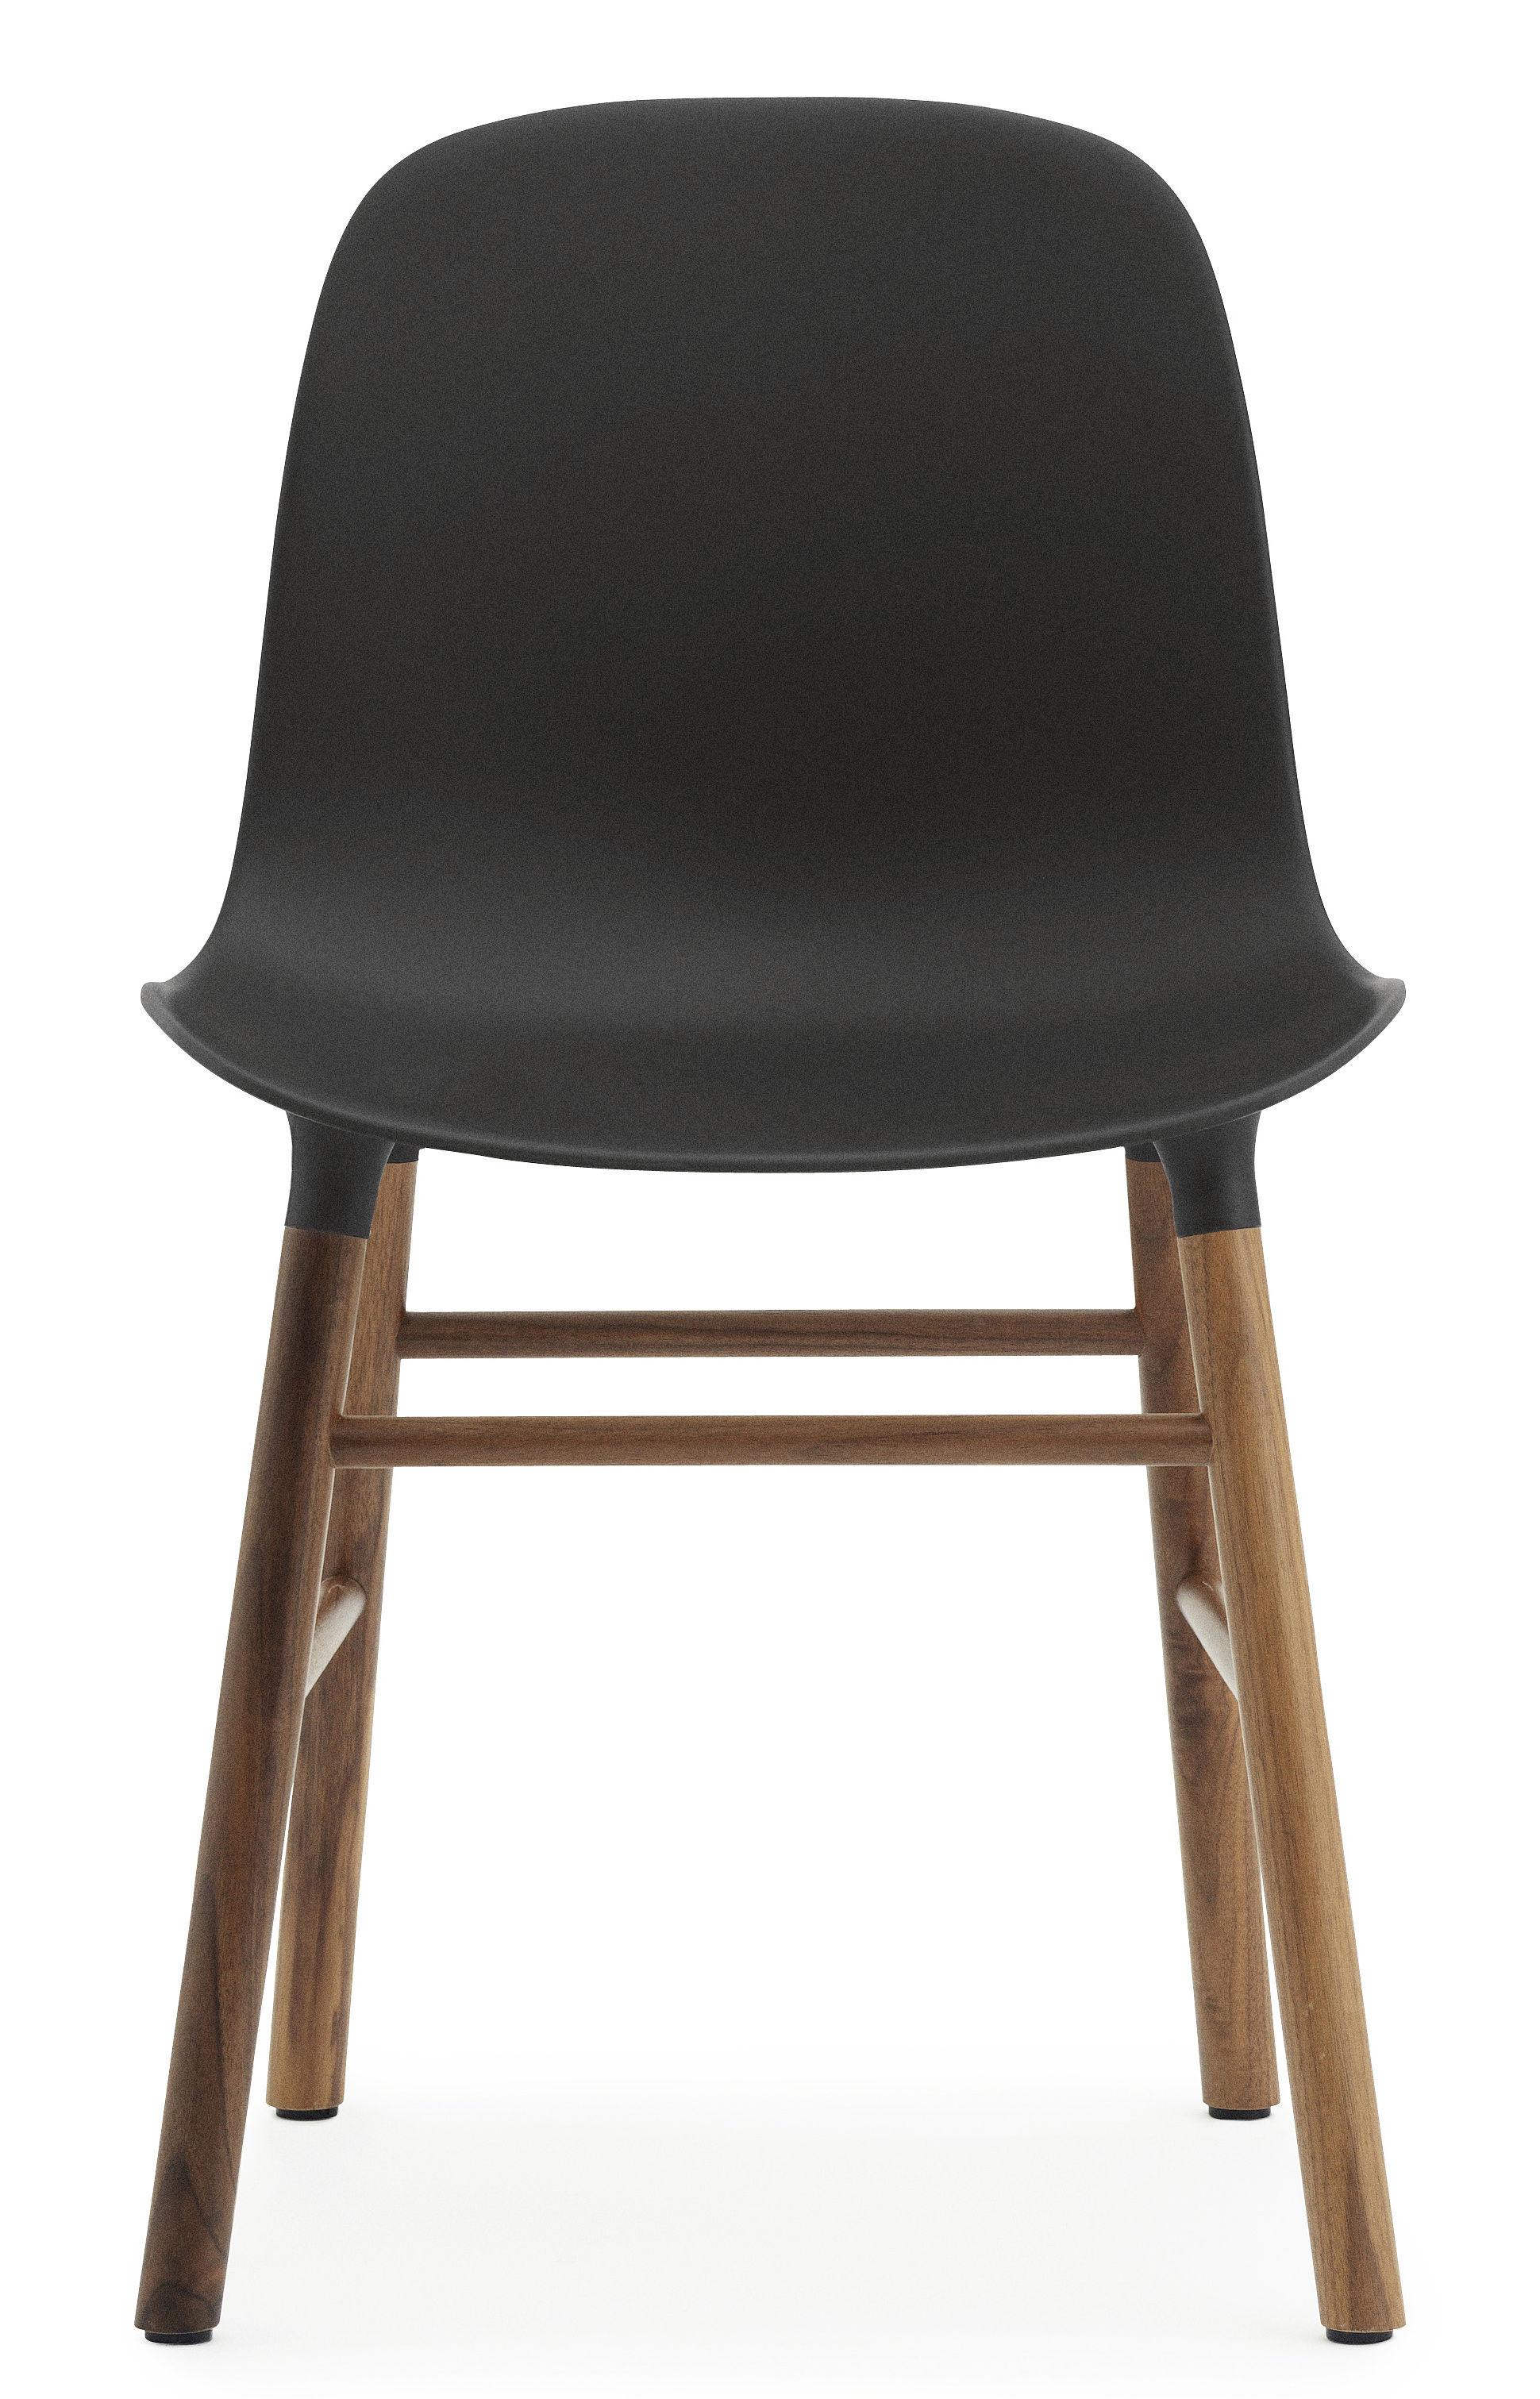 Chaise form pied noyer noir noyer normann copenhagen for Chaise sans pied